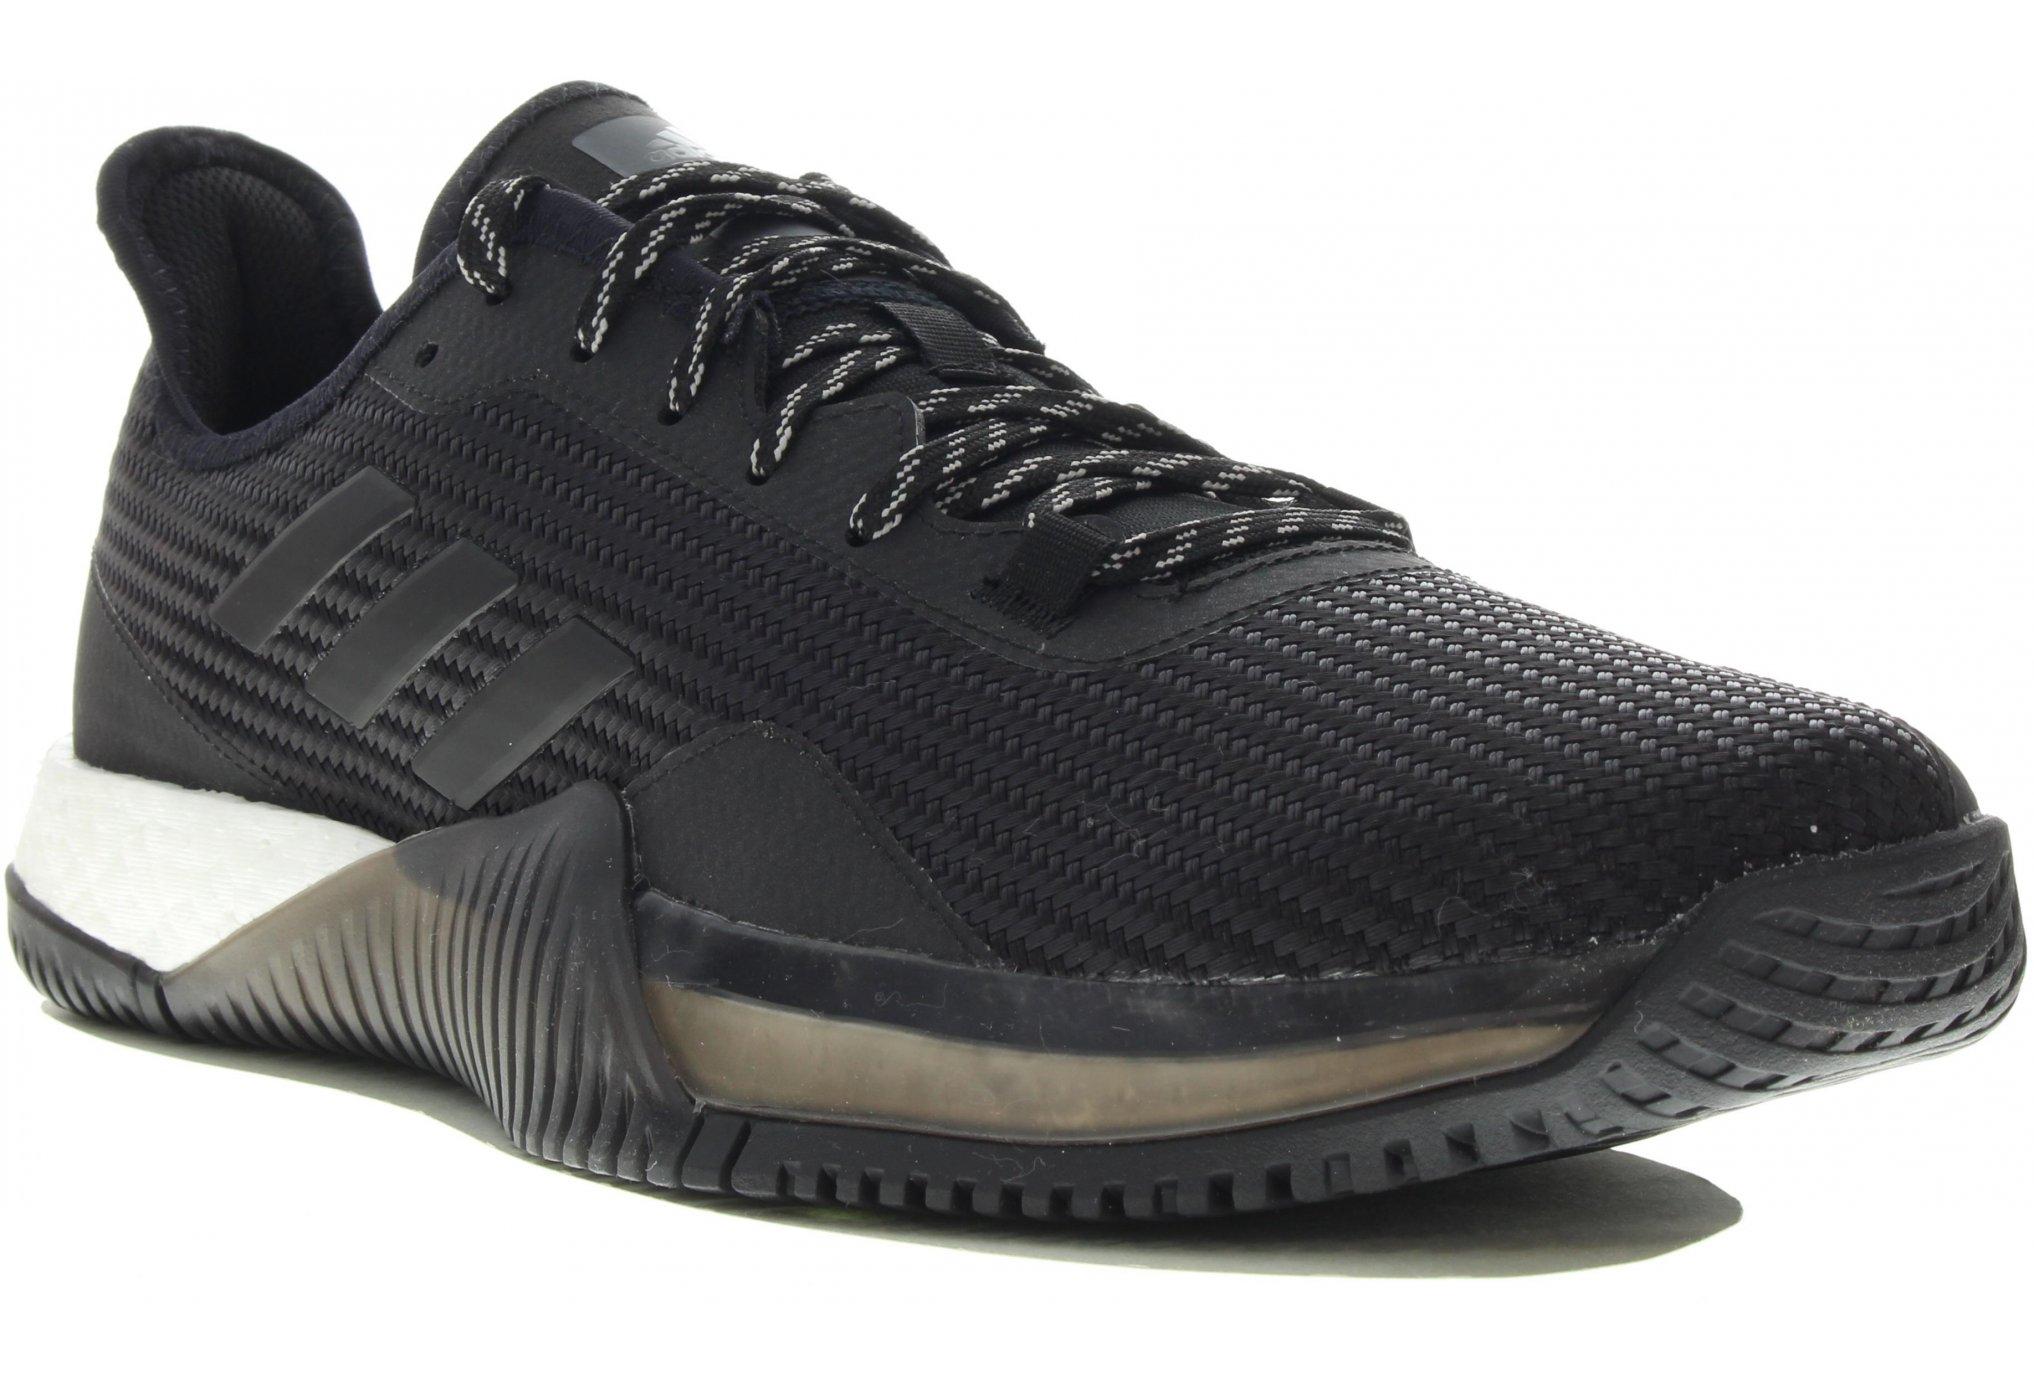 adidas CrazyTrain Elite M Chaussures homme